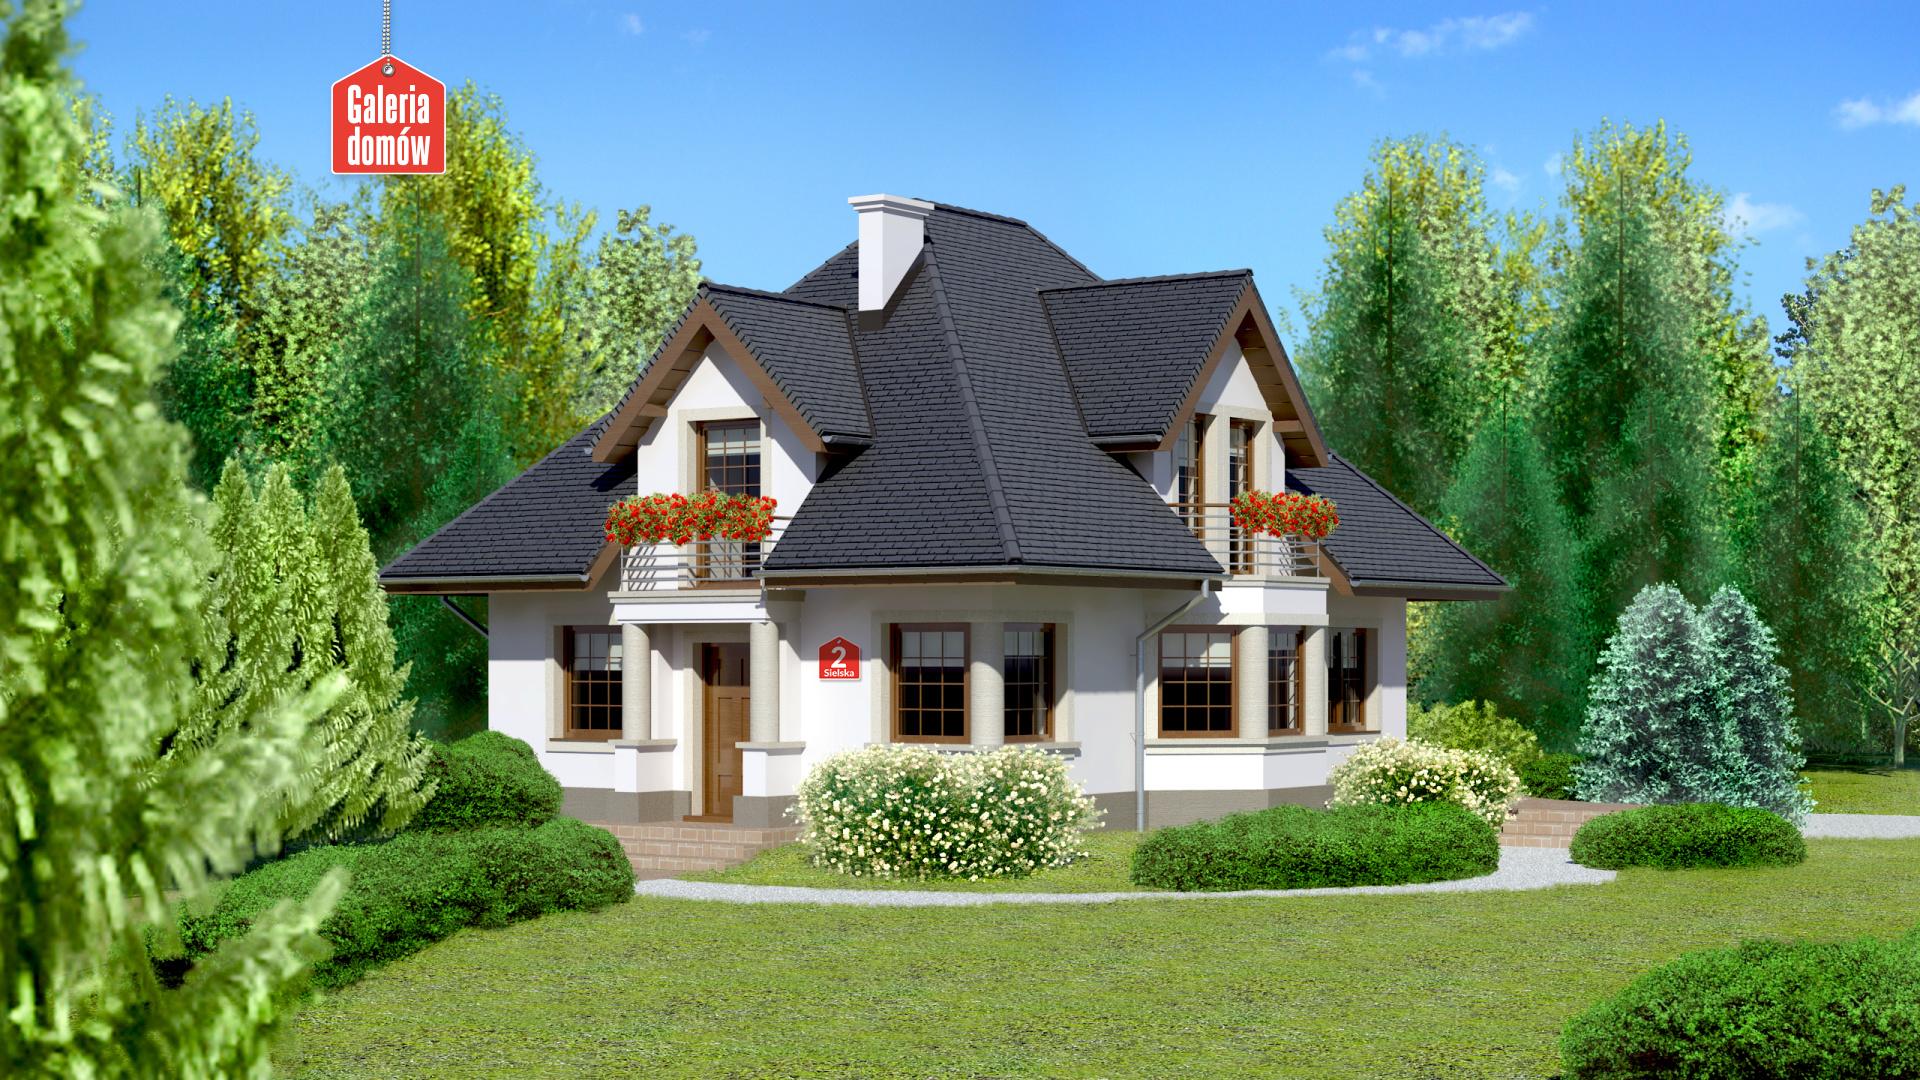 Dom Przy Sielskiej 2 Gotowy Projekt Domu Jednorodzinnego